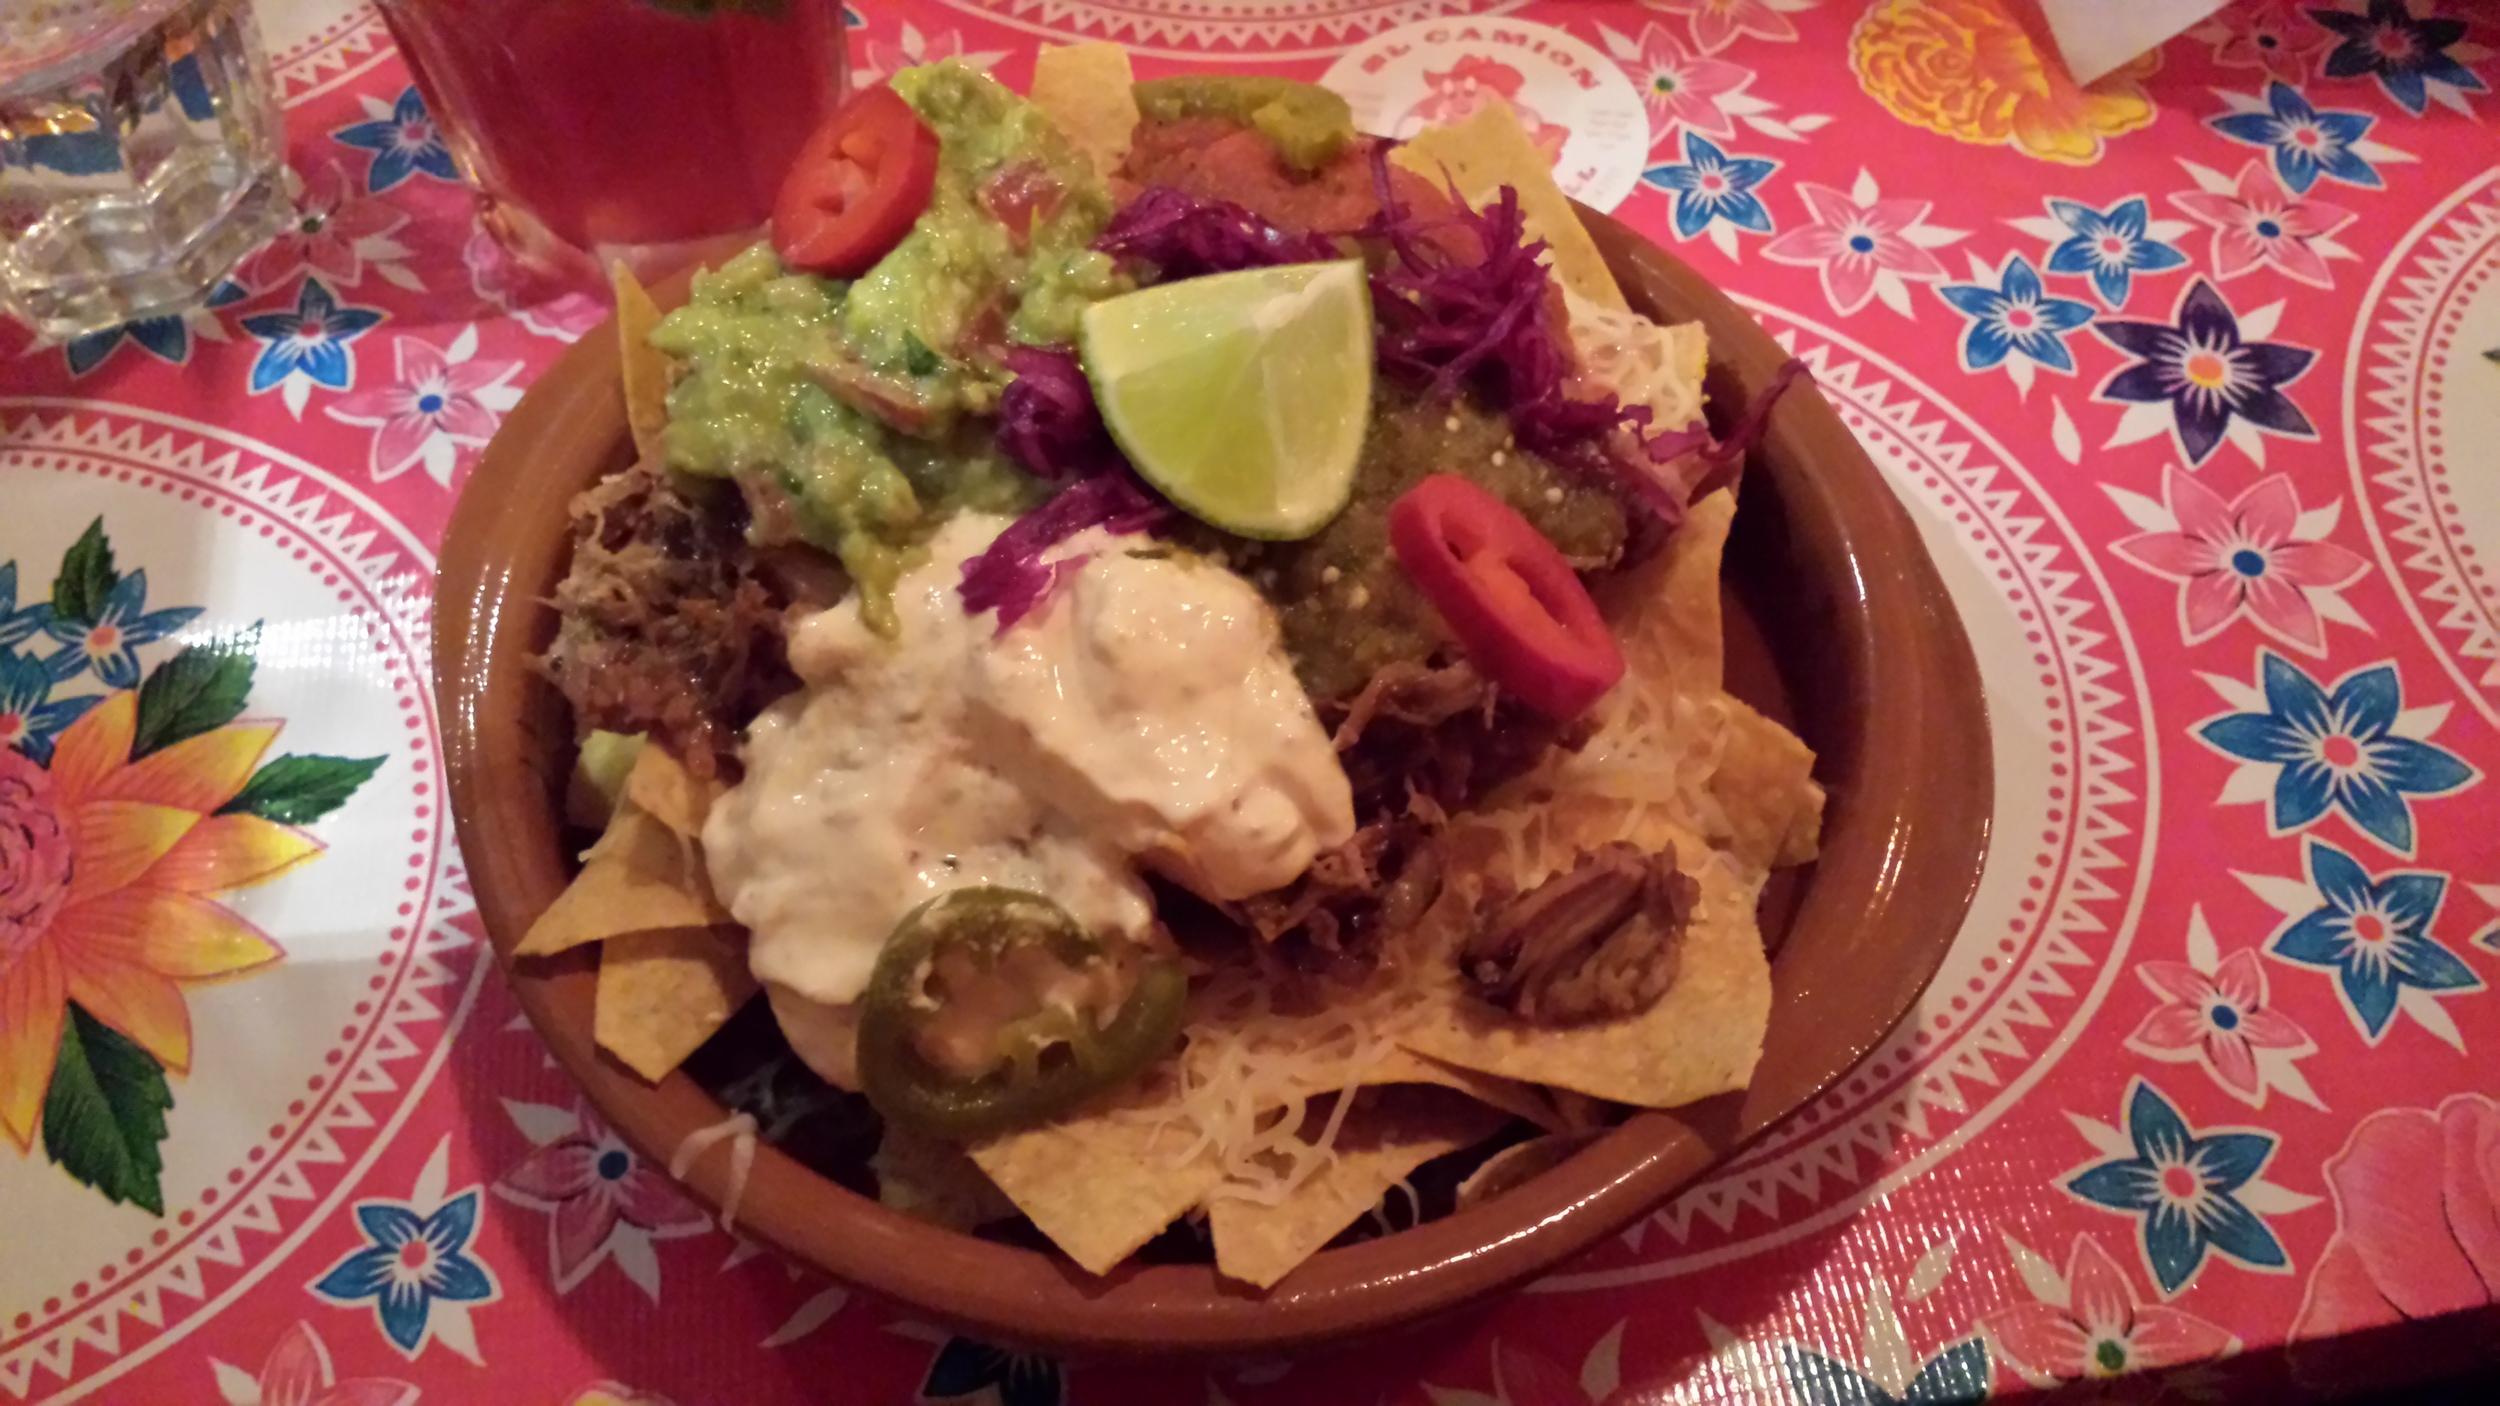 Melted Jack Cheese, Guacamole, Salsa, Sour Cream, Pork Carnitas, Jalapenos